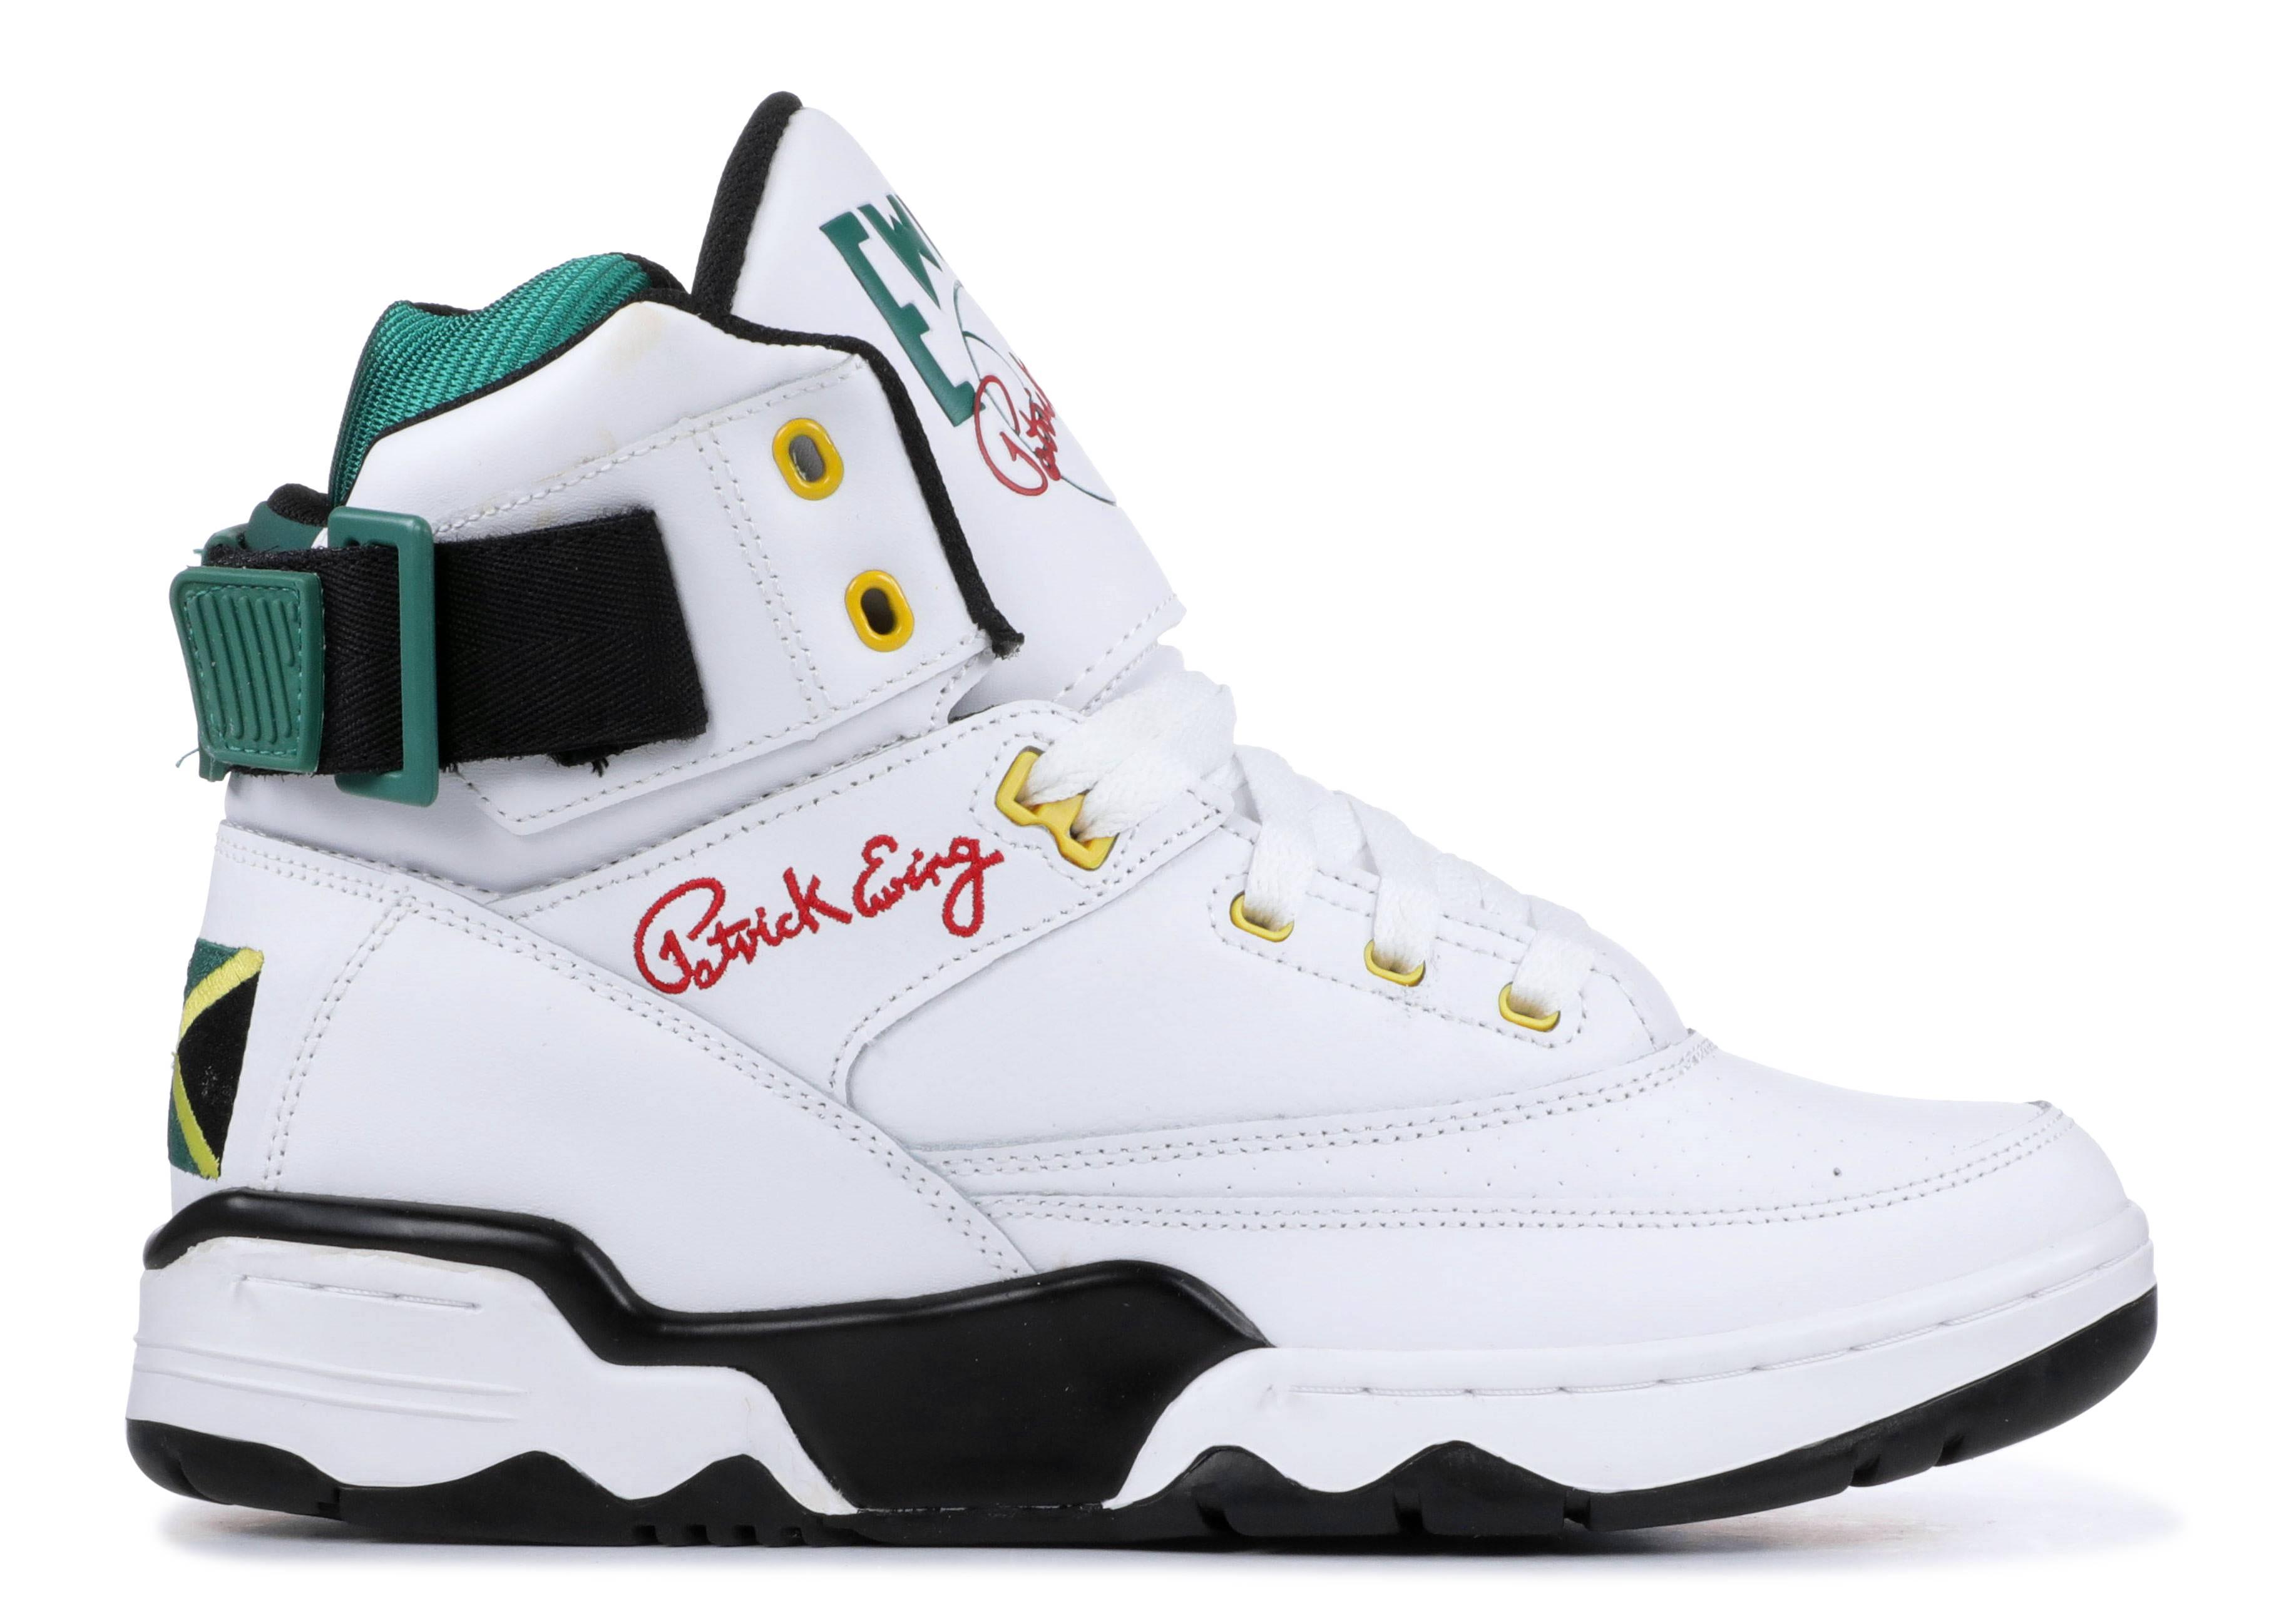 e268fc94913a Patrick Ewing Shoes - Men's 33 Hi & More High Tops | Flight Club